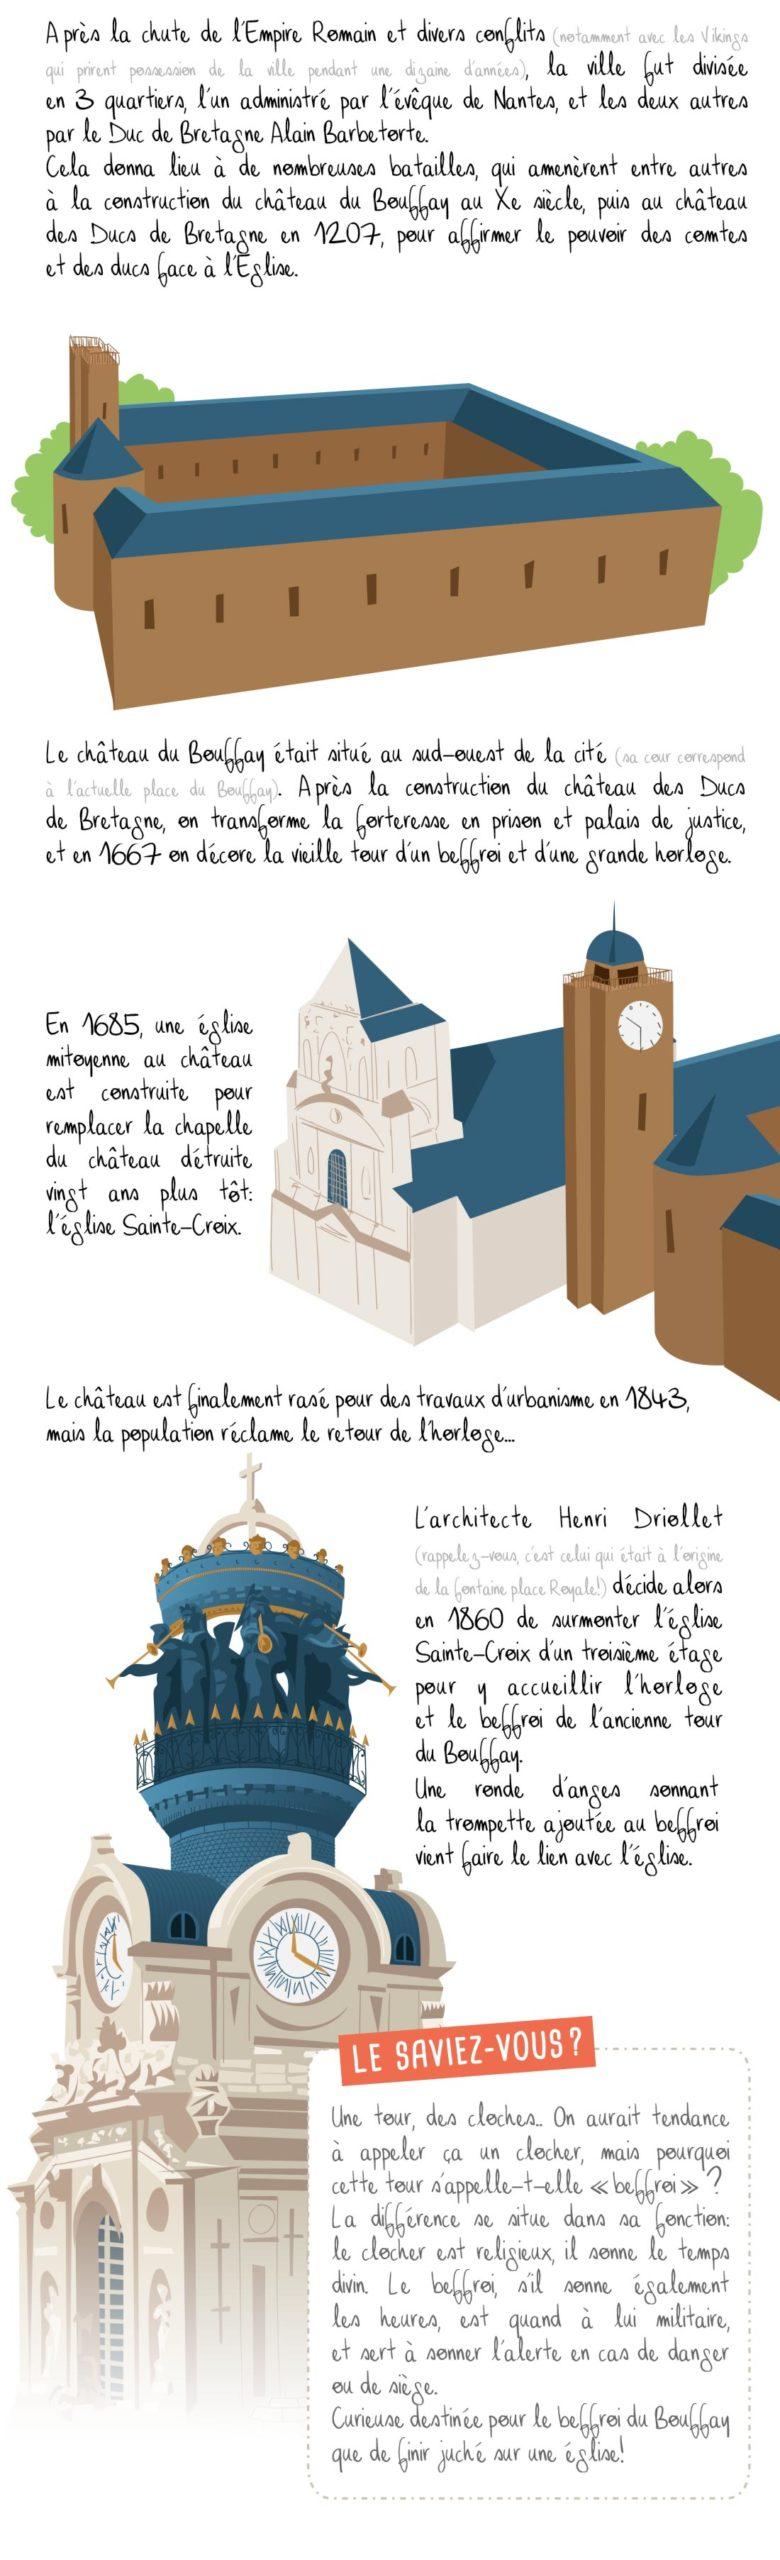 Histoire illustrée du Bouffay, Nantes, partie 2